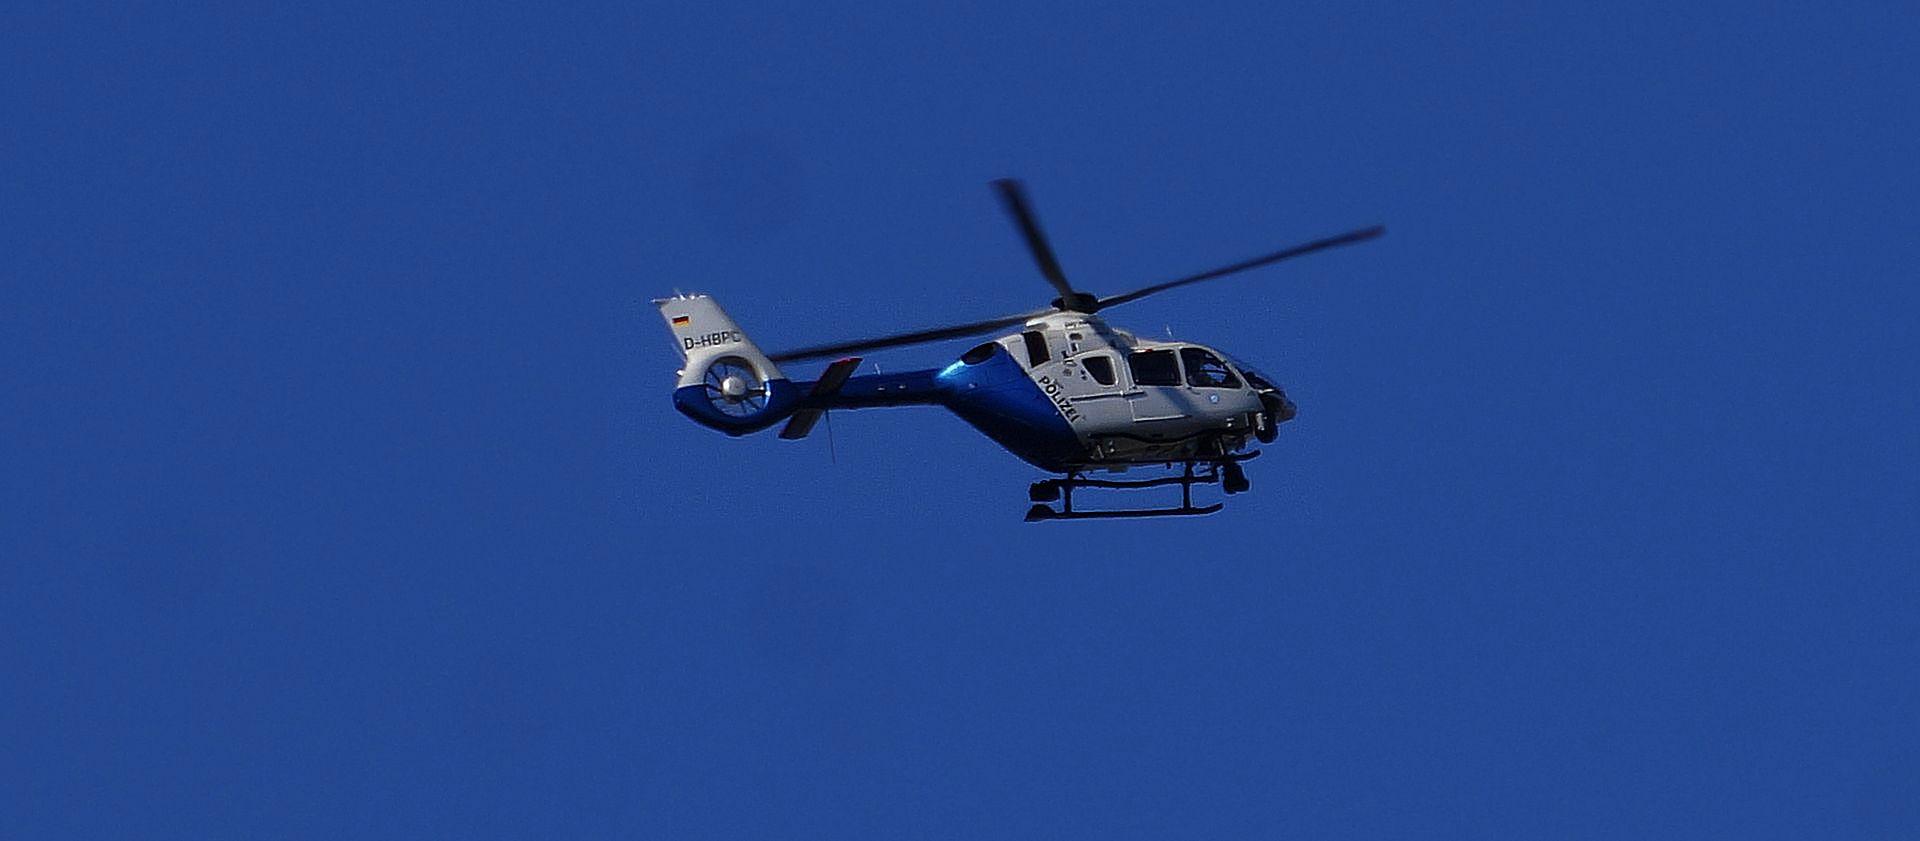 Ein Polizei Hubschrauber im Vorbeiflug......